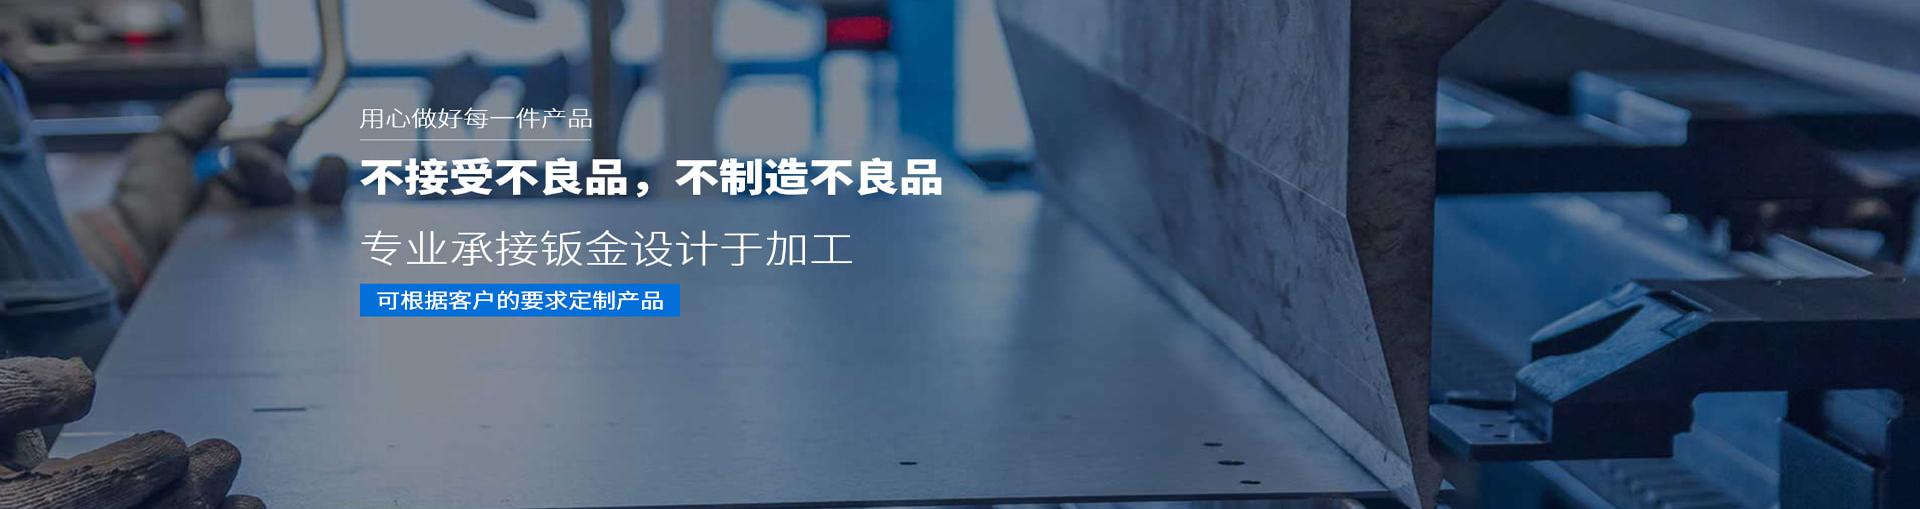 北(bei)京華川創(chuang)新科(ke)技有(you)限(xian)公司